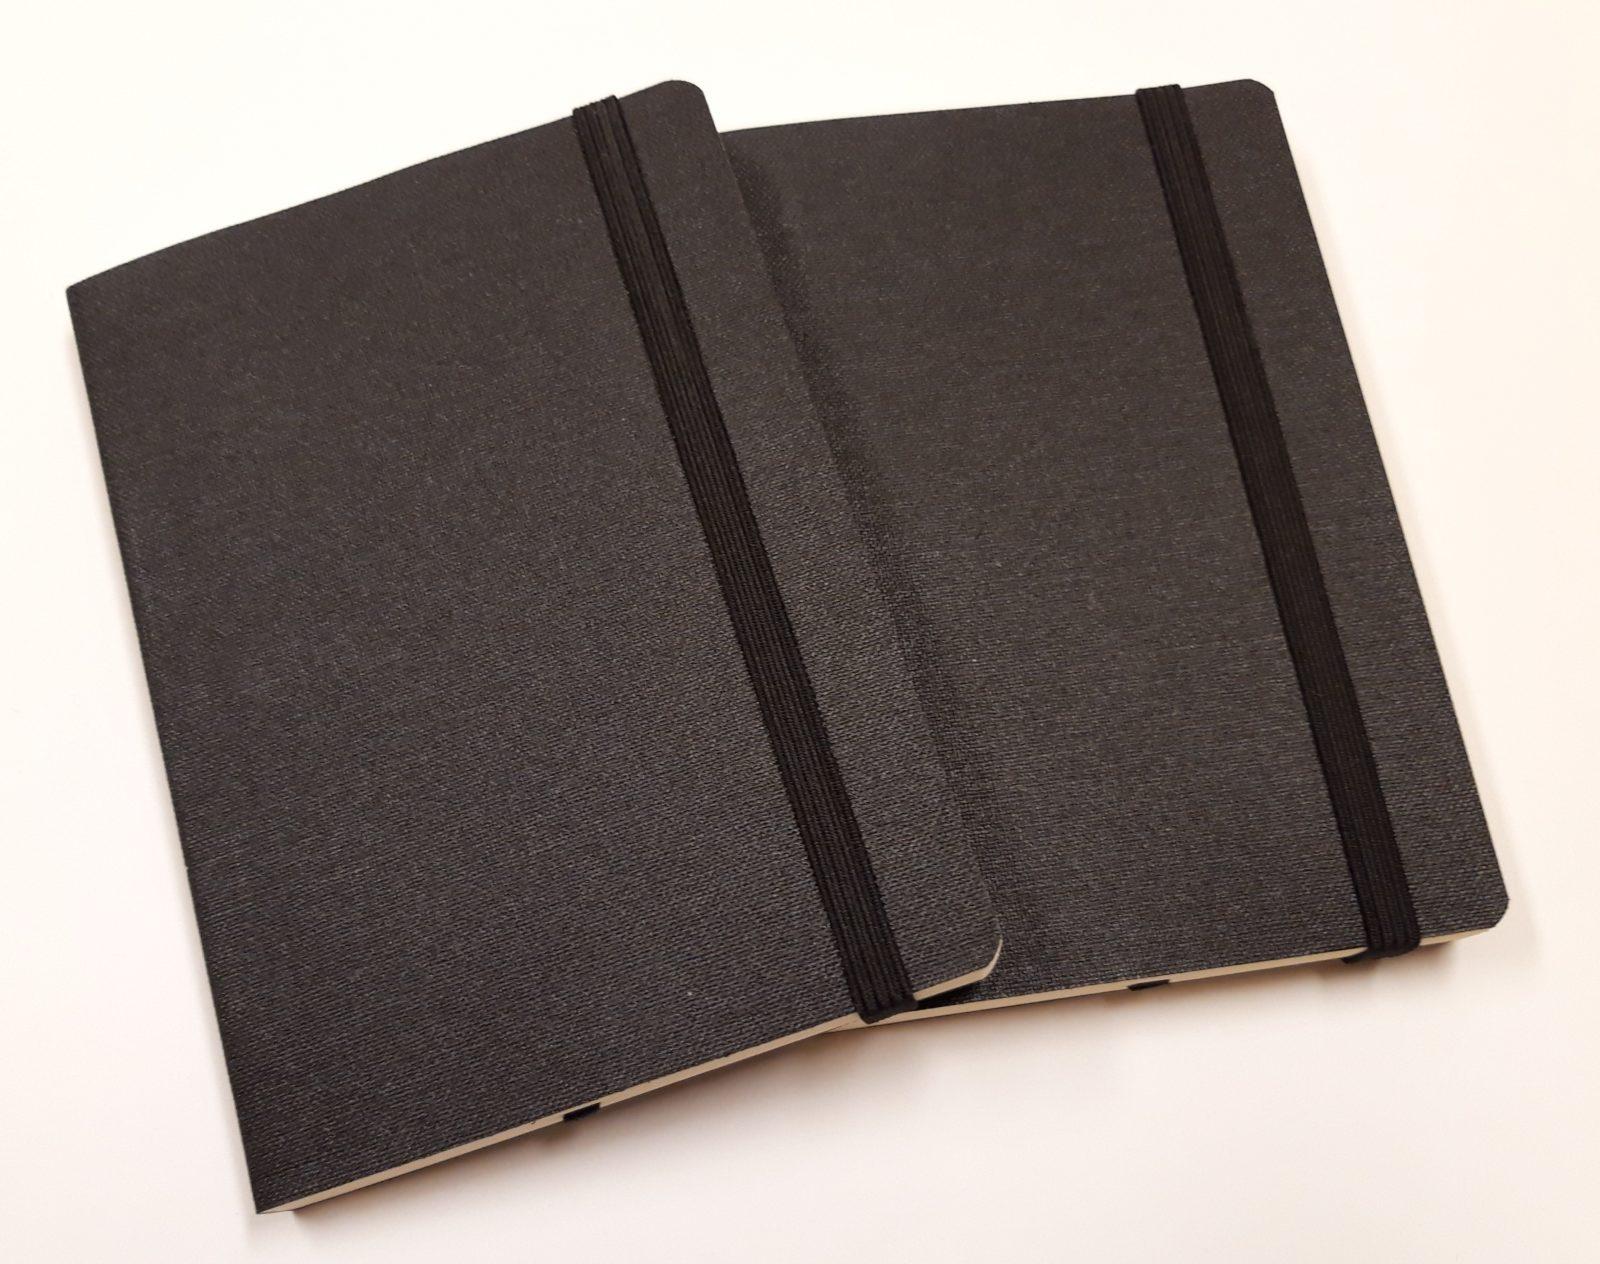 Notatbok i svart (1338 og 1339)